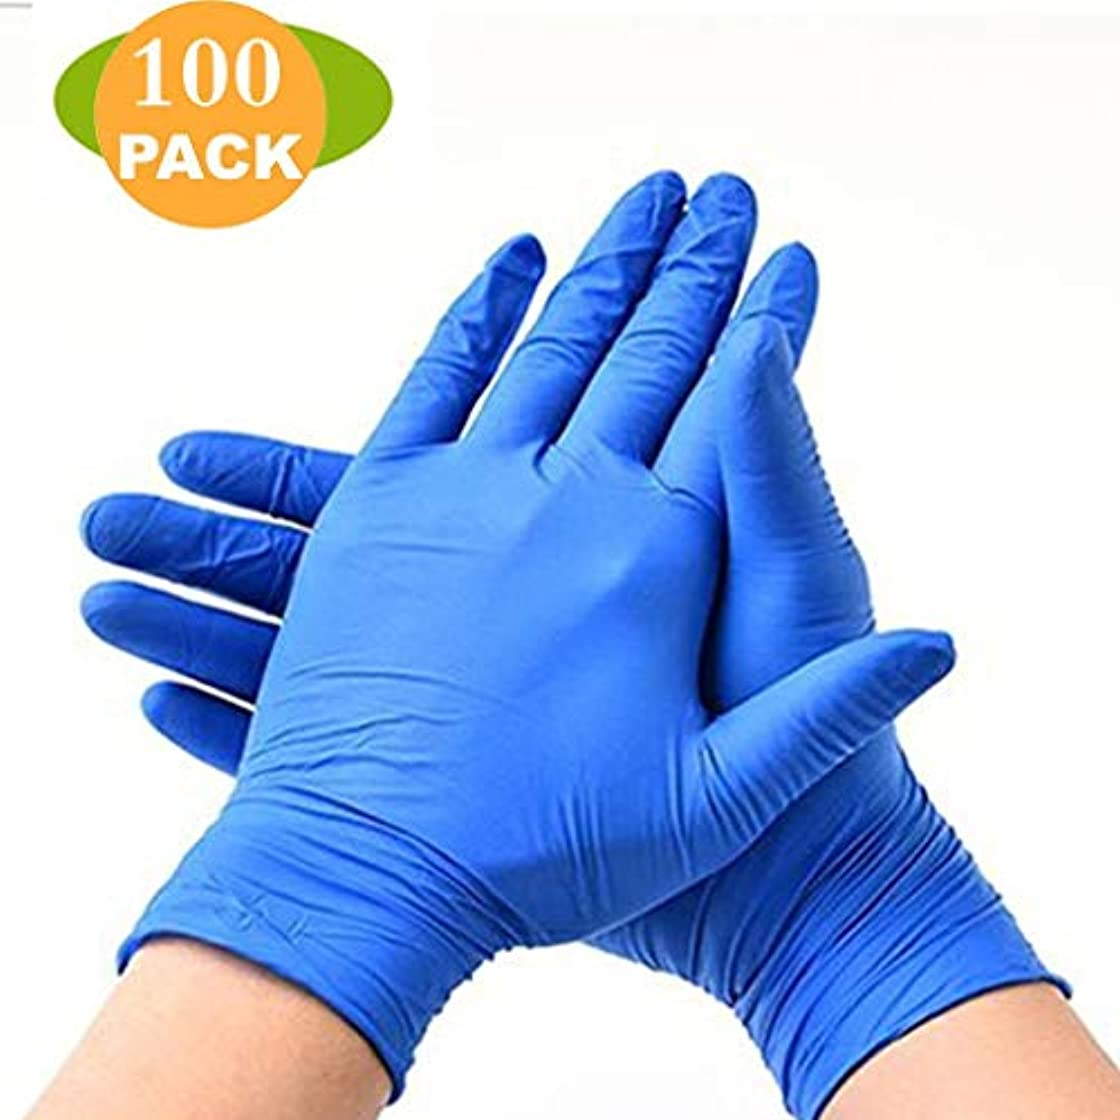 空白許容もの使い捨て耐久性のある厚手の手袋の実験室の食用油と耐酸性-100パーボックス (Color : Blue, Size : L)